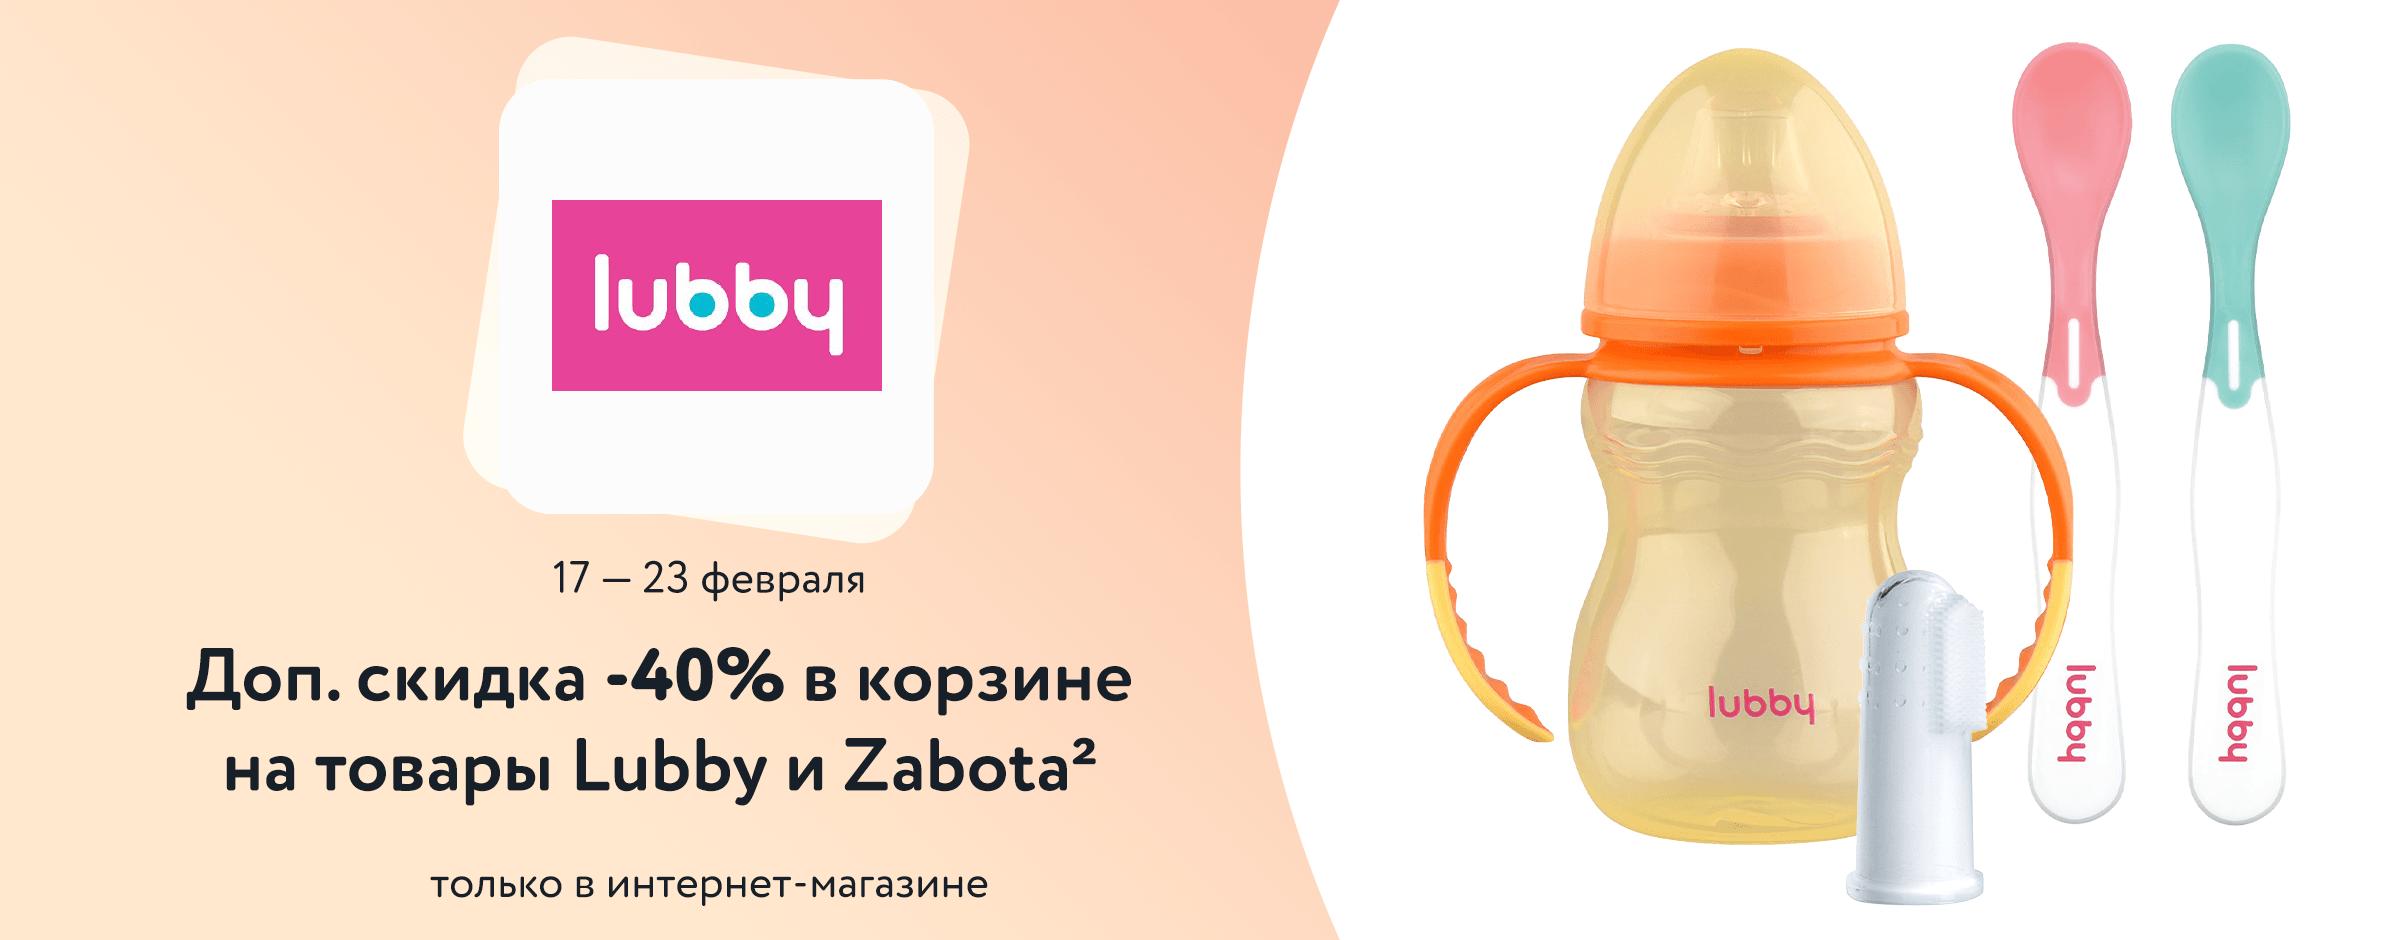 40% на Lubby и Zabota2 Кибер